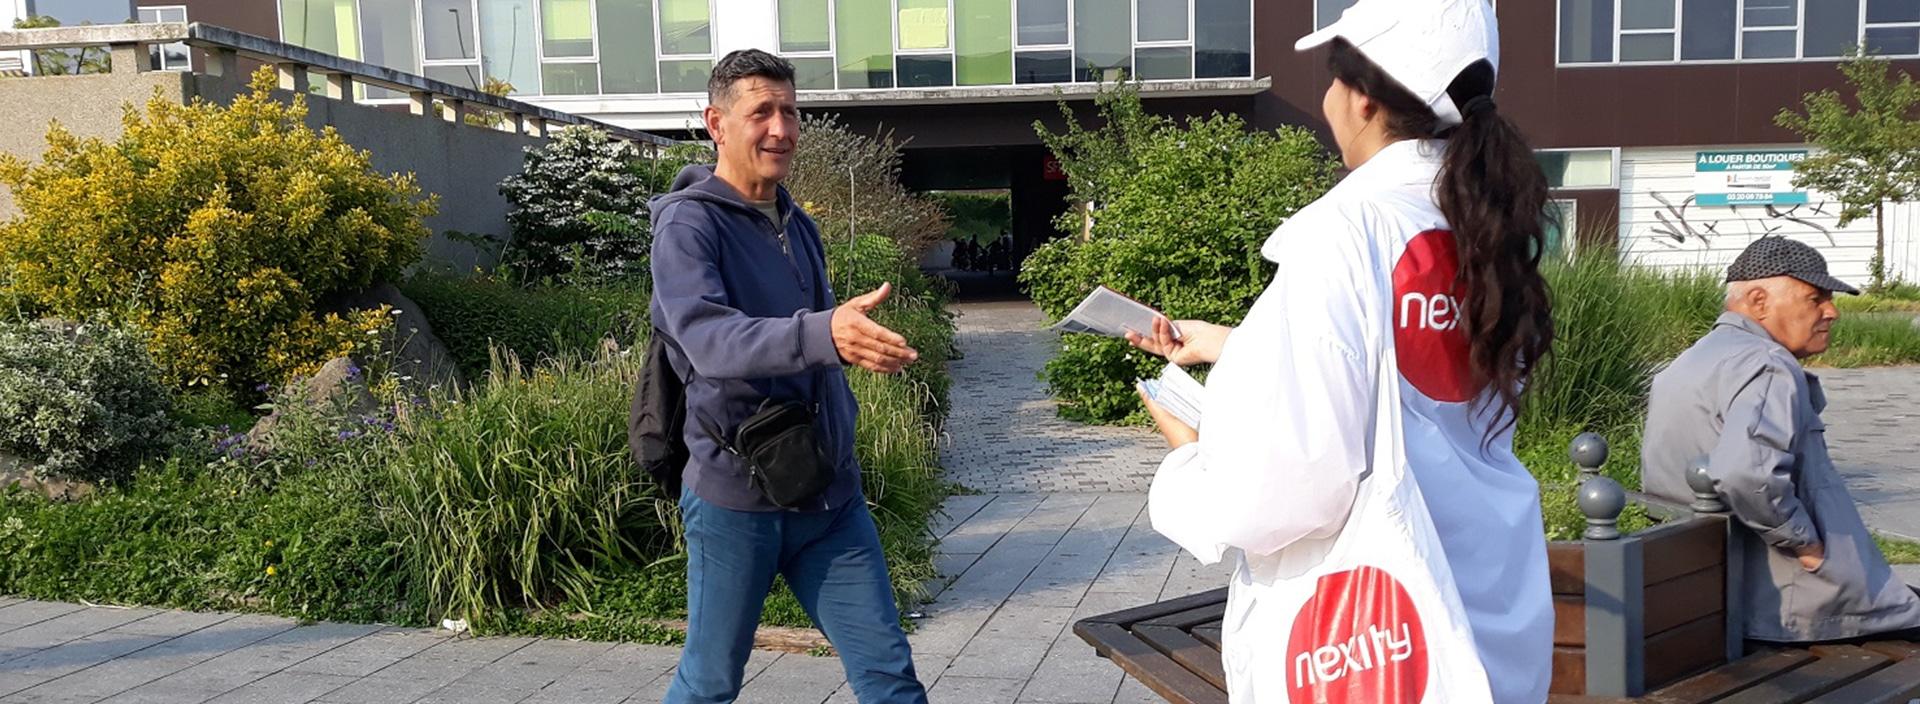 NEXITY : Campagne de lancement de programme de commercialisation immobilier - Agence Linéal